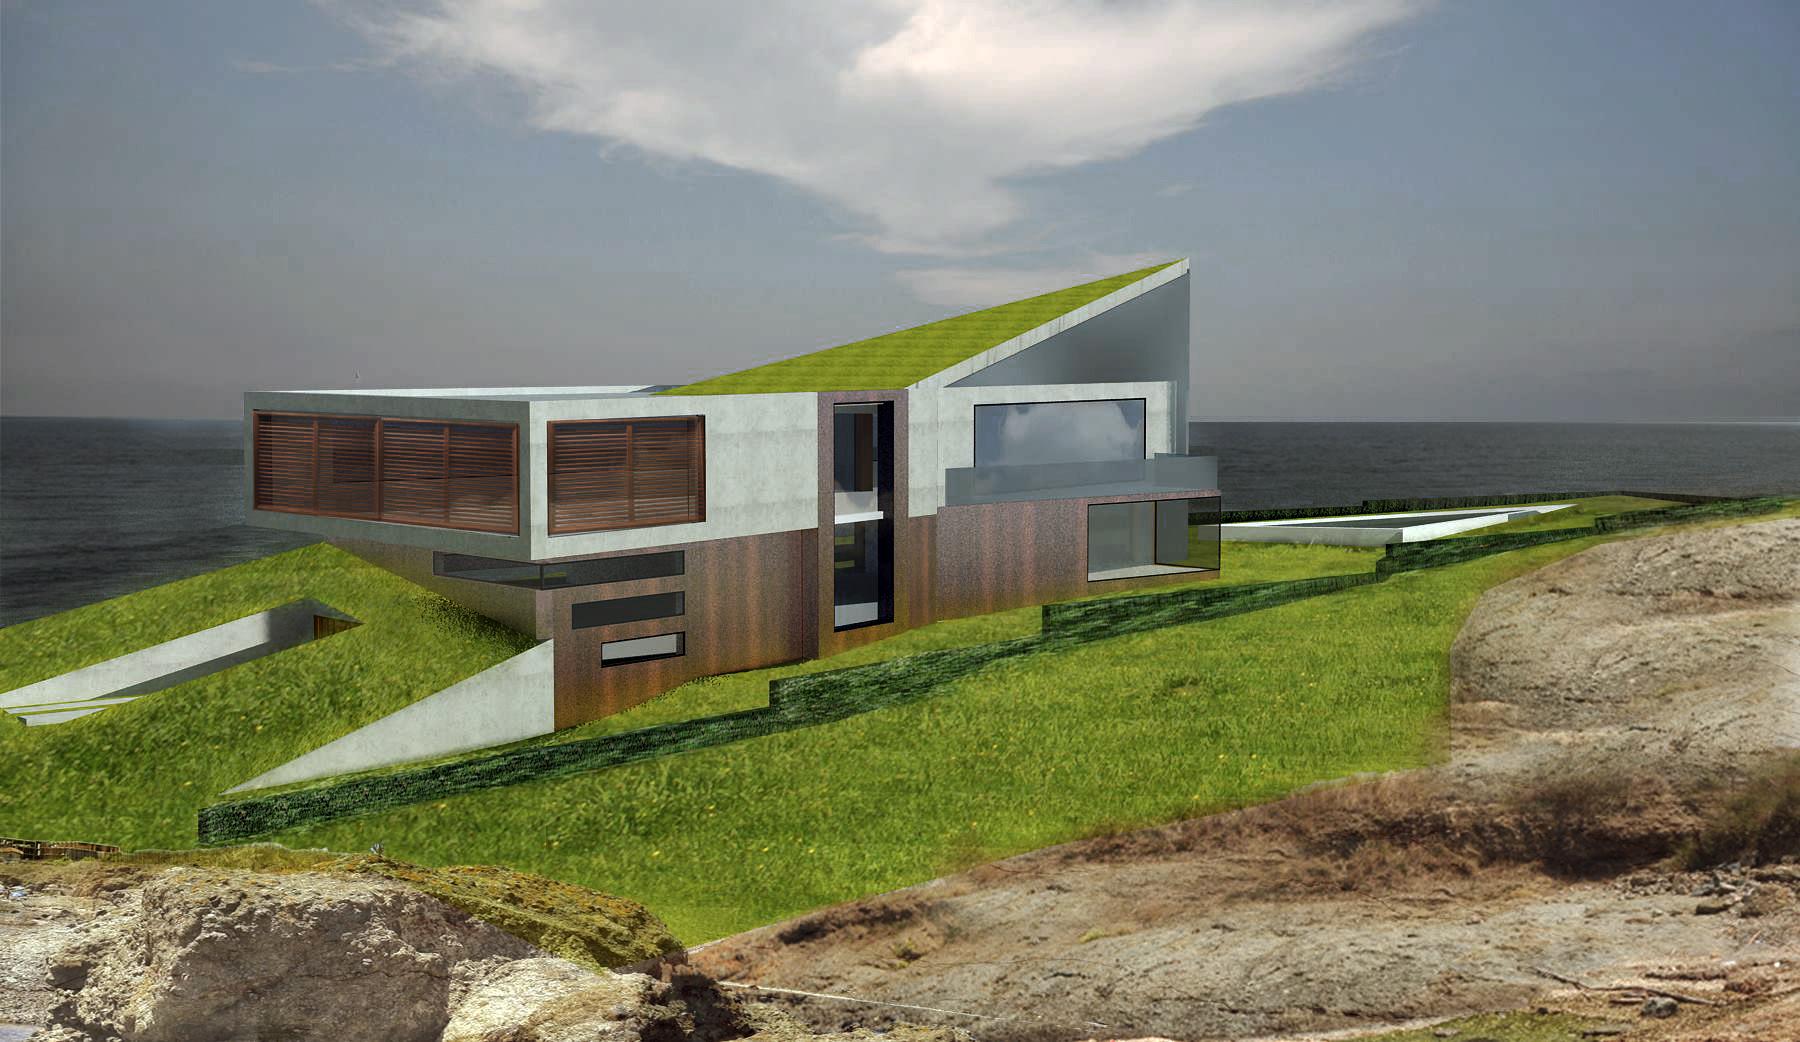 conceptual design villa house lozenets bulgaria - Conceptual Design House